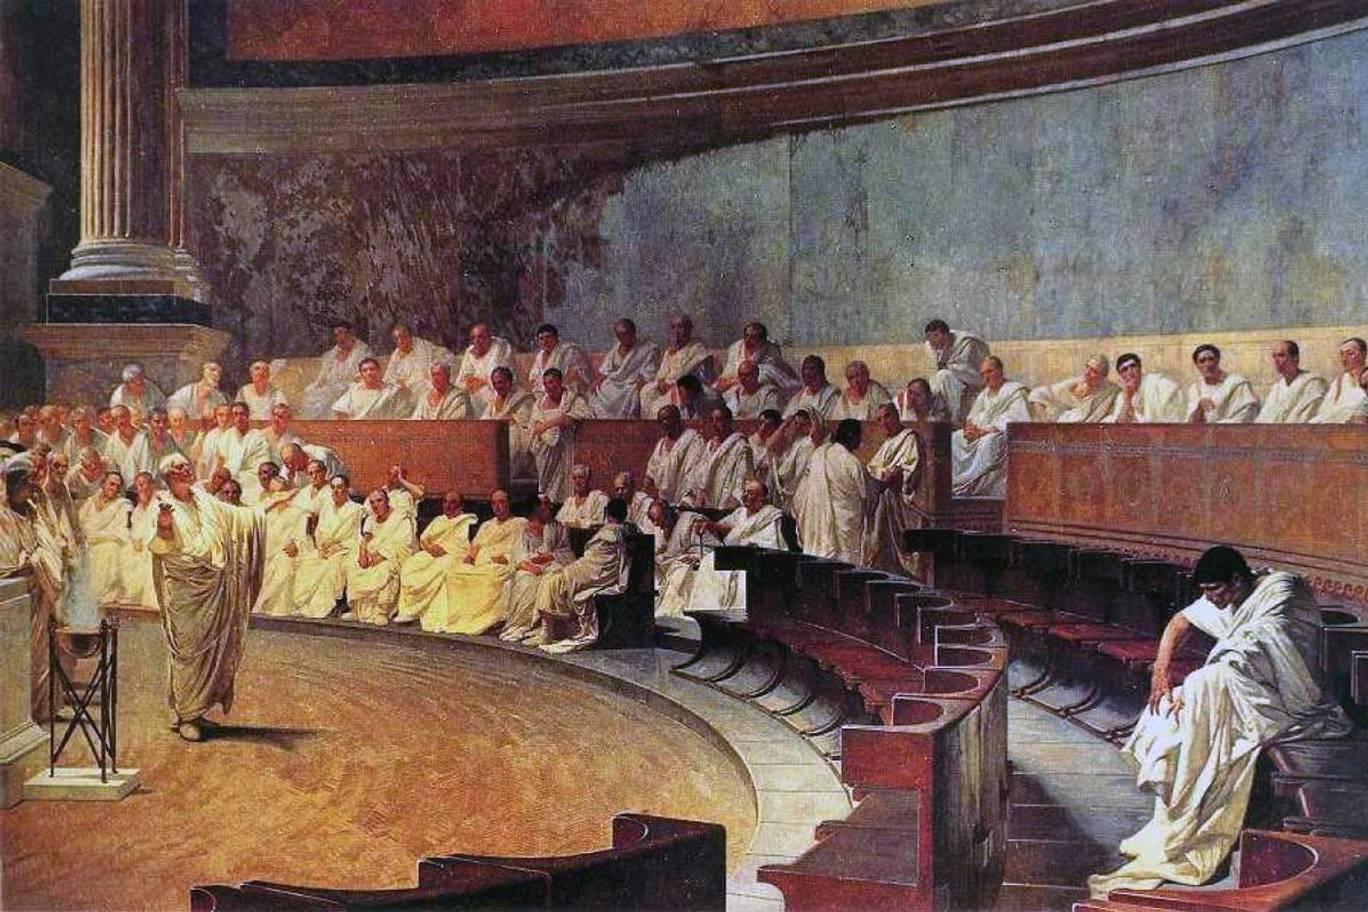 A fresco by Cesare Maccari (1840-1919) depicting Roman senator Cicero (106-43 BC) denouncing the conspirator Catiline in the Roman senate. (Palazzo Madama, Rome)